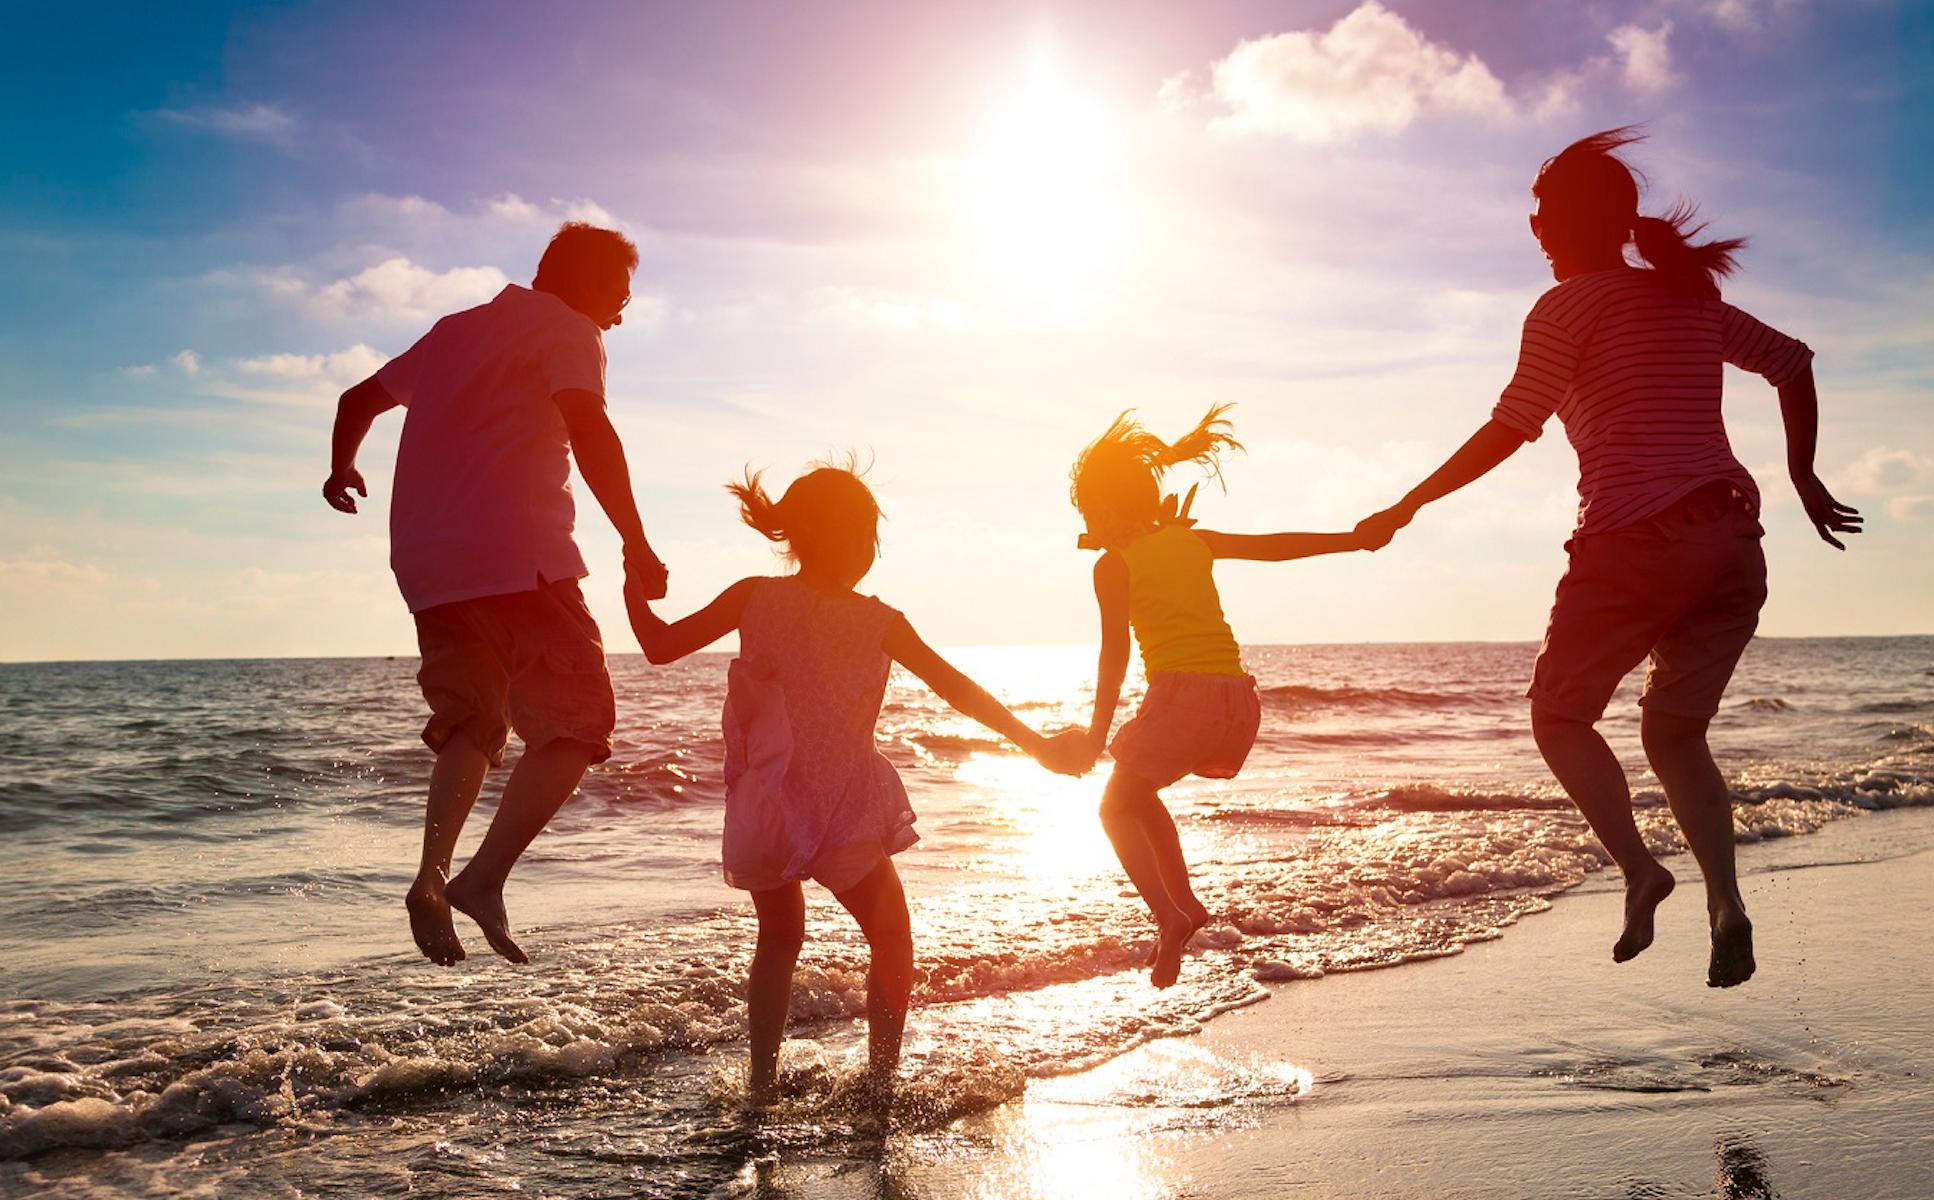 family at beach jumping